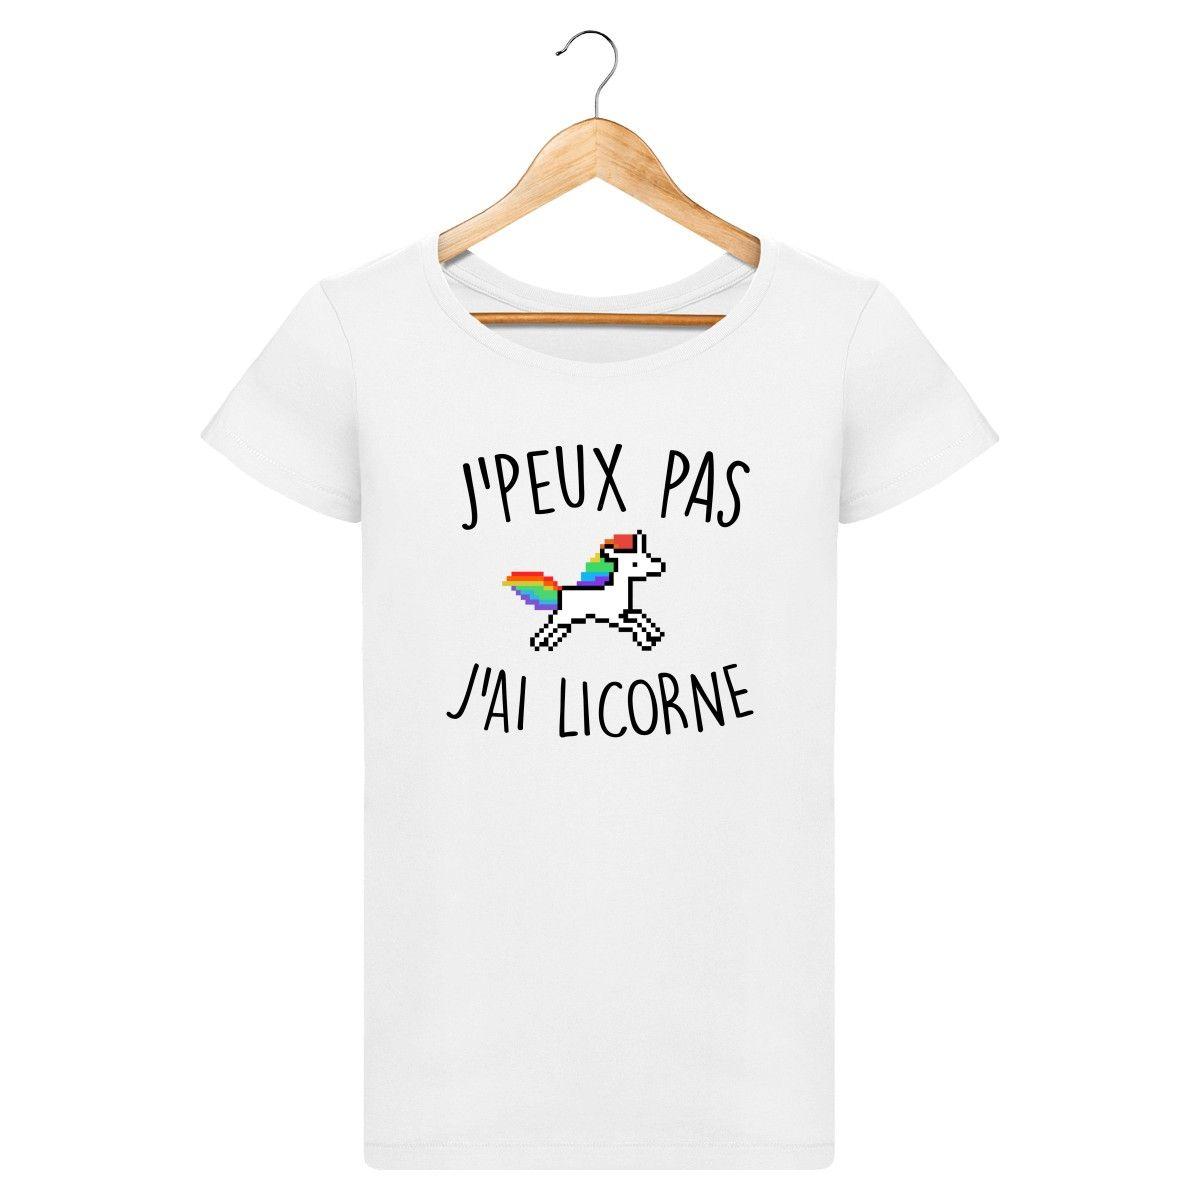 abf2d022 4625595-t-shirt-femme-stella-loves-t-shirt -j-peux-pas-j-ai-licorne-pour-femme-face.jpg